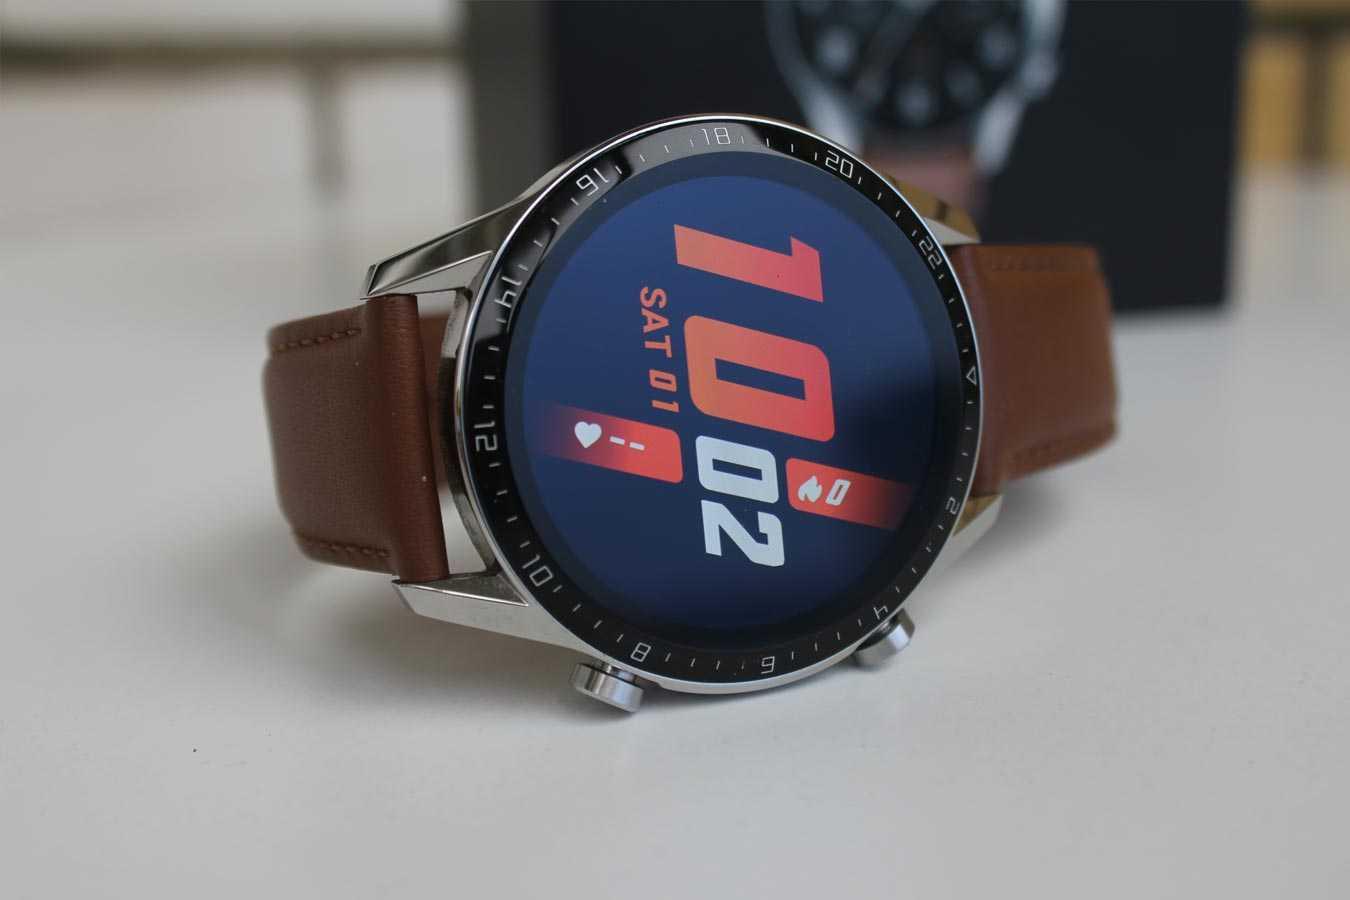 Обзор huawei watch gt 2 pro: слегка доработанных умных часов